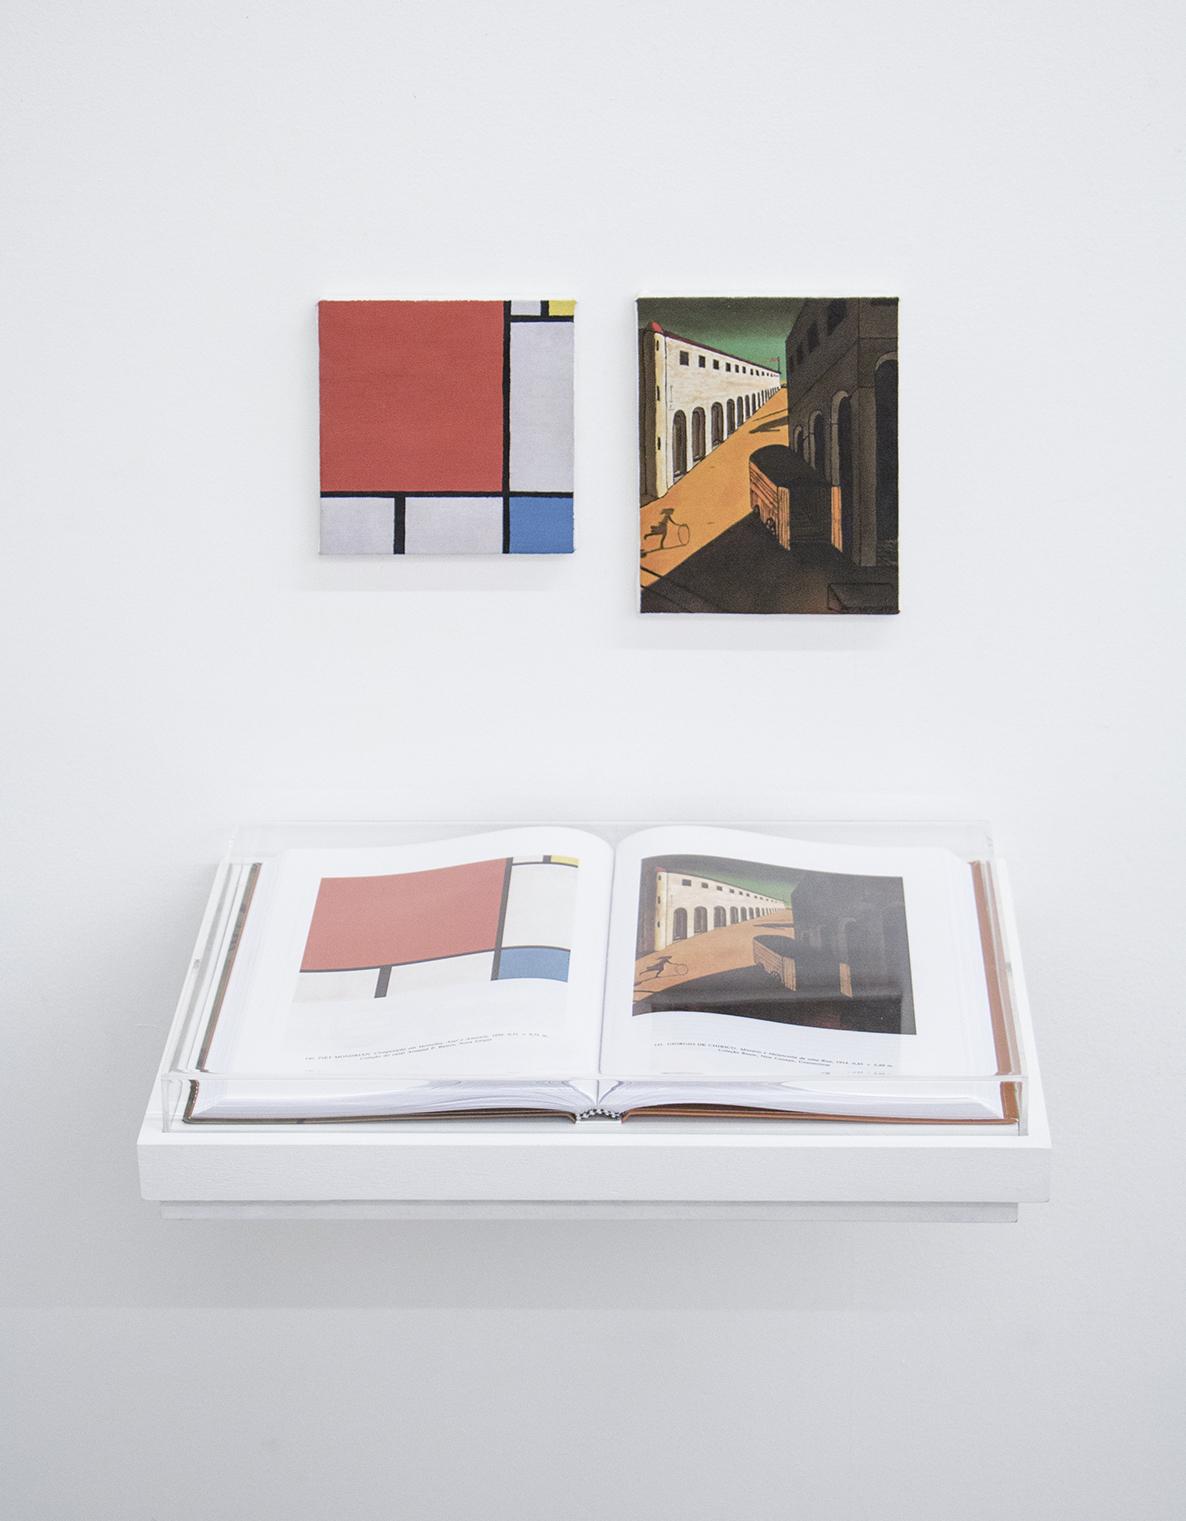 Páginas 140 e 141 (série Foi Assim Que Me Ensinaram)• 2014 •Livro emoldurado, óleo sobre tela •30 x 42 cm (livro), 13,5 x 13,5 cm, 13,5 x 16,7 cm